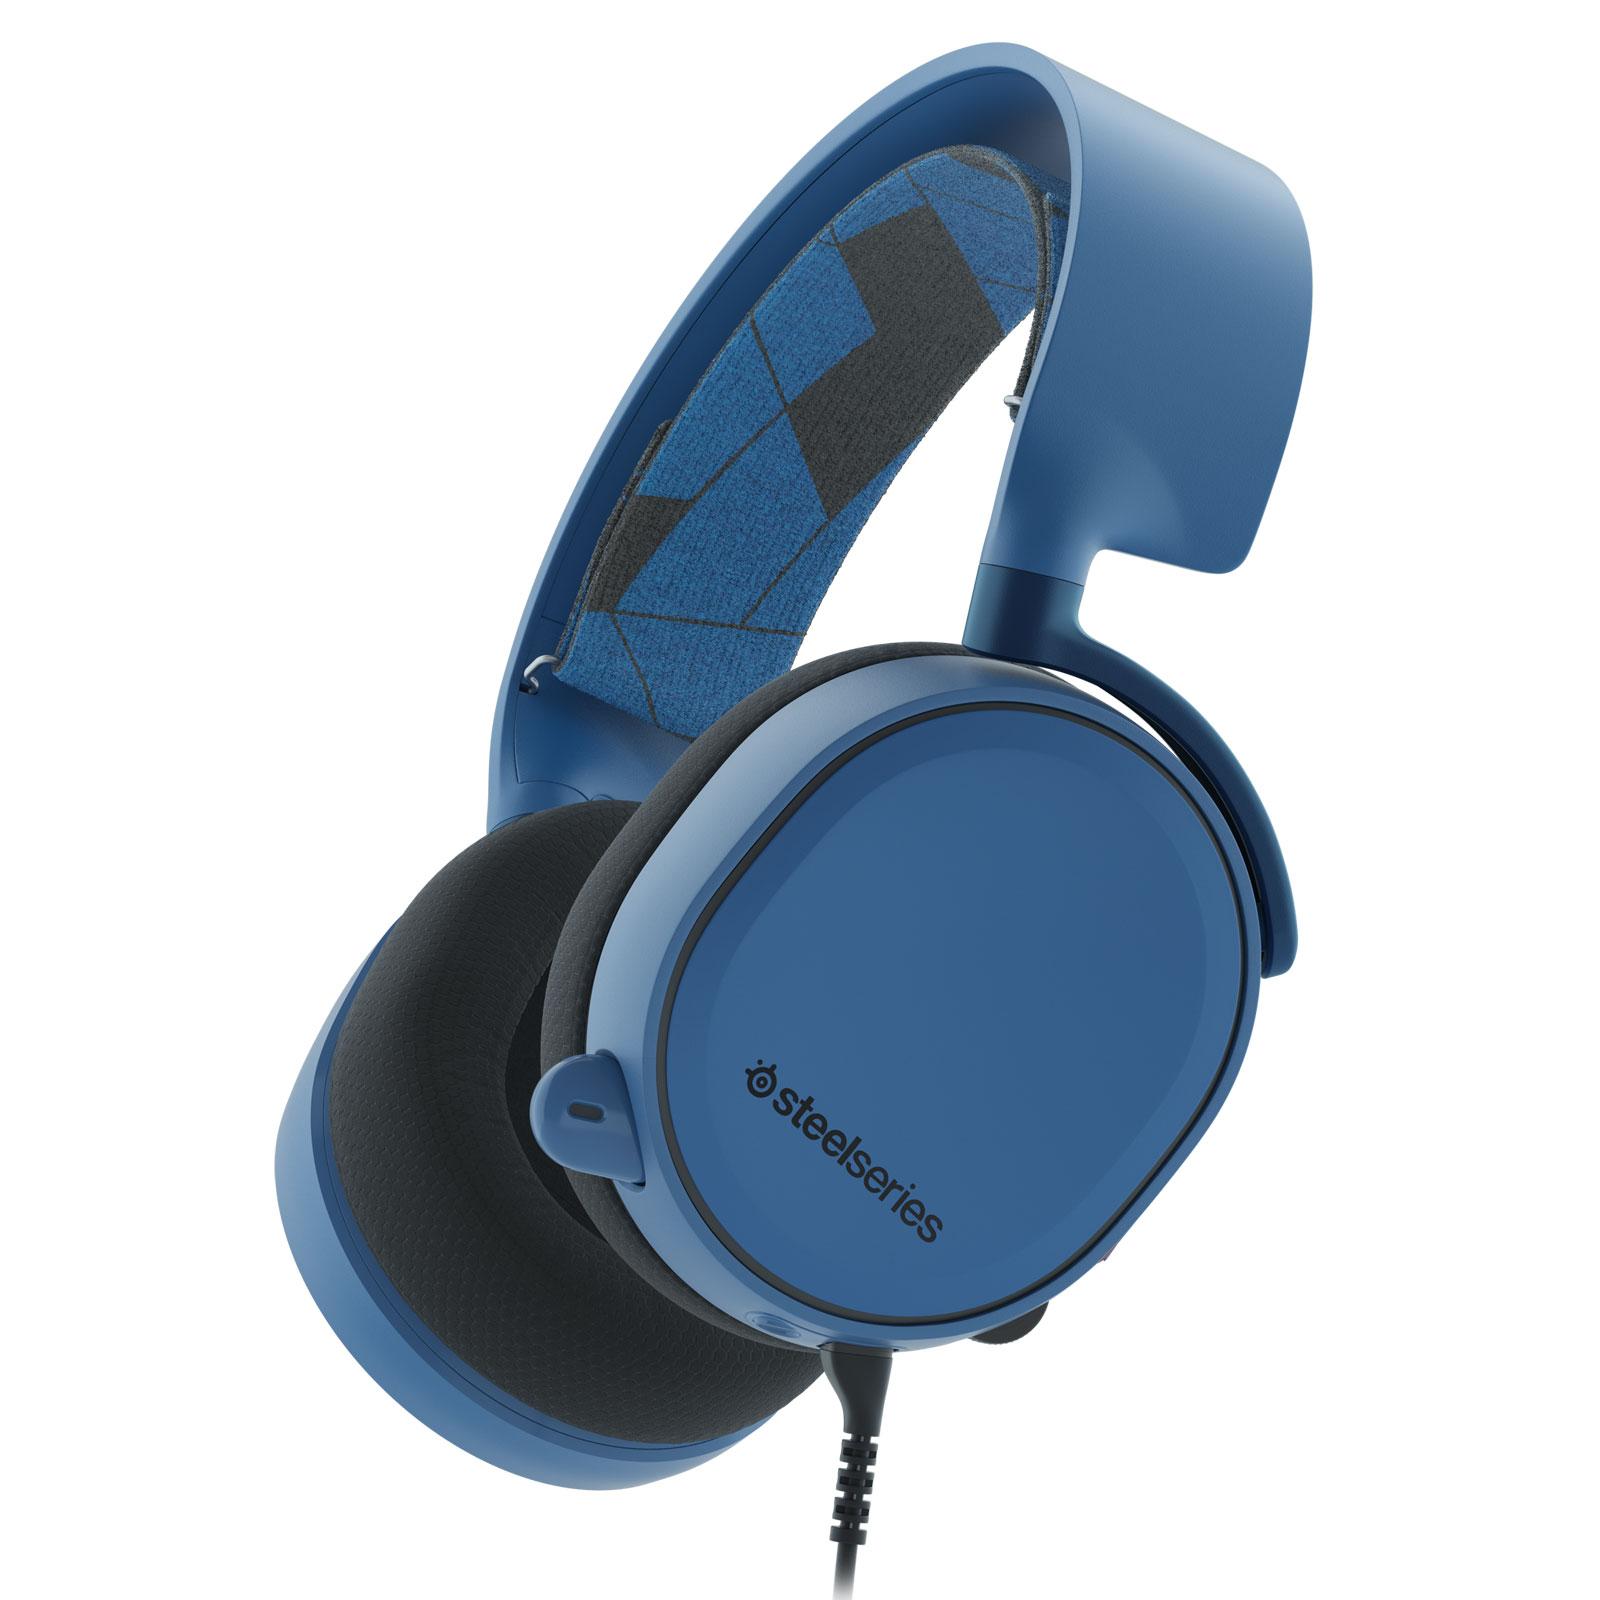 Steelseries Arctis 3 Bleu Stereo Bleu - Micro-casque - Cybertek.fr - 0